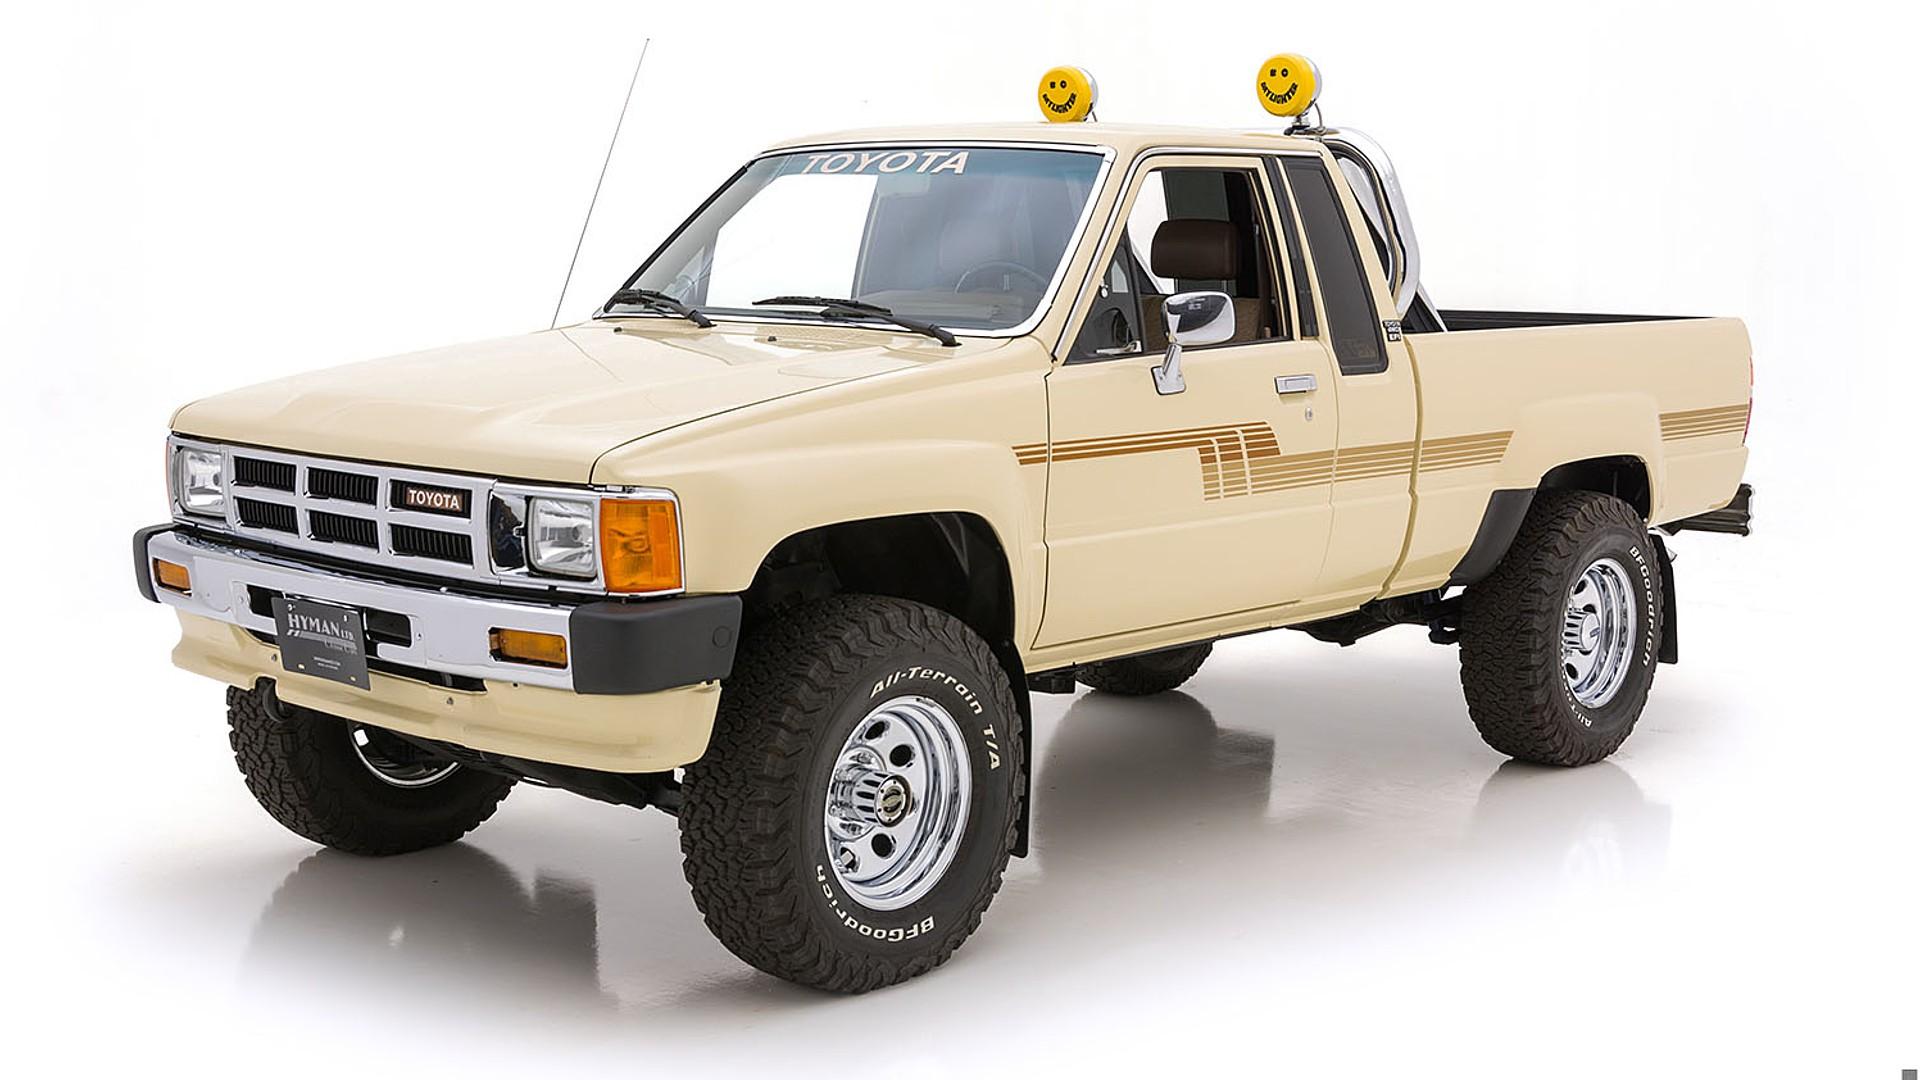 Πόσα θα δίνατε για αυτό το παλιό Toyota HiLux; [pics]